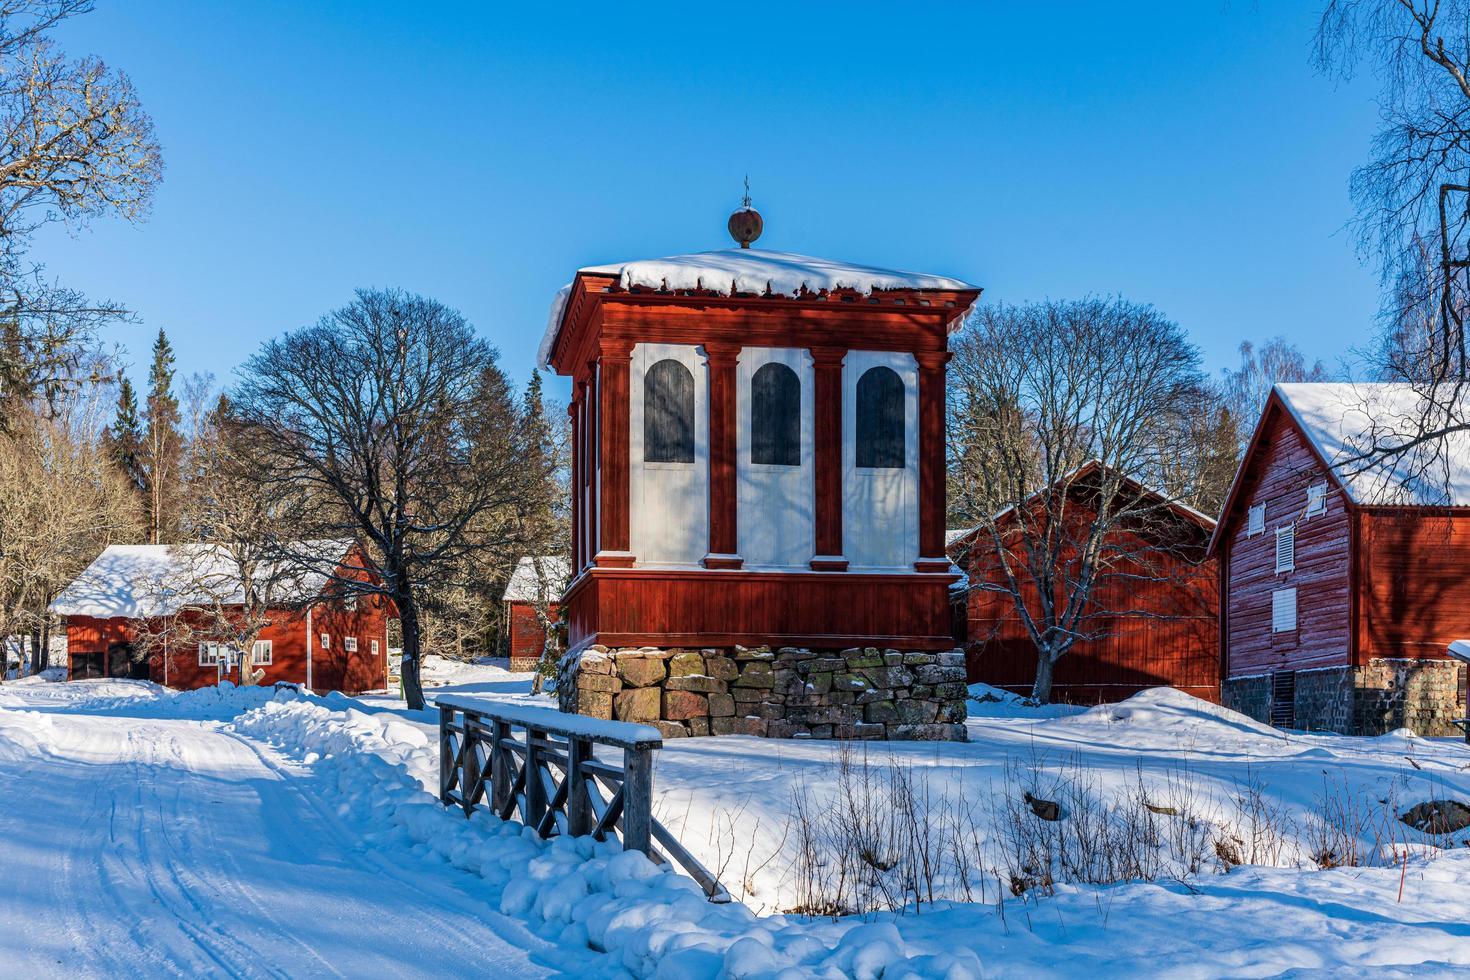 norn, zweden, 2021-02-07. typisch oud dorp op het Zweedse platteland, gebouwd rond een oude ijzerfabriek foto